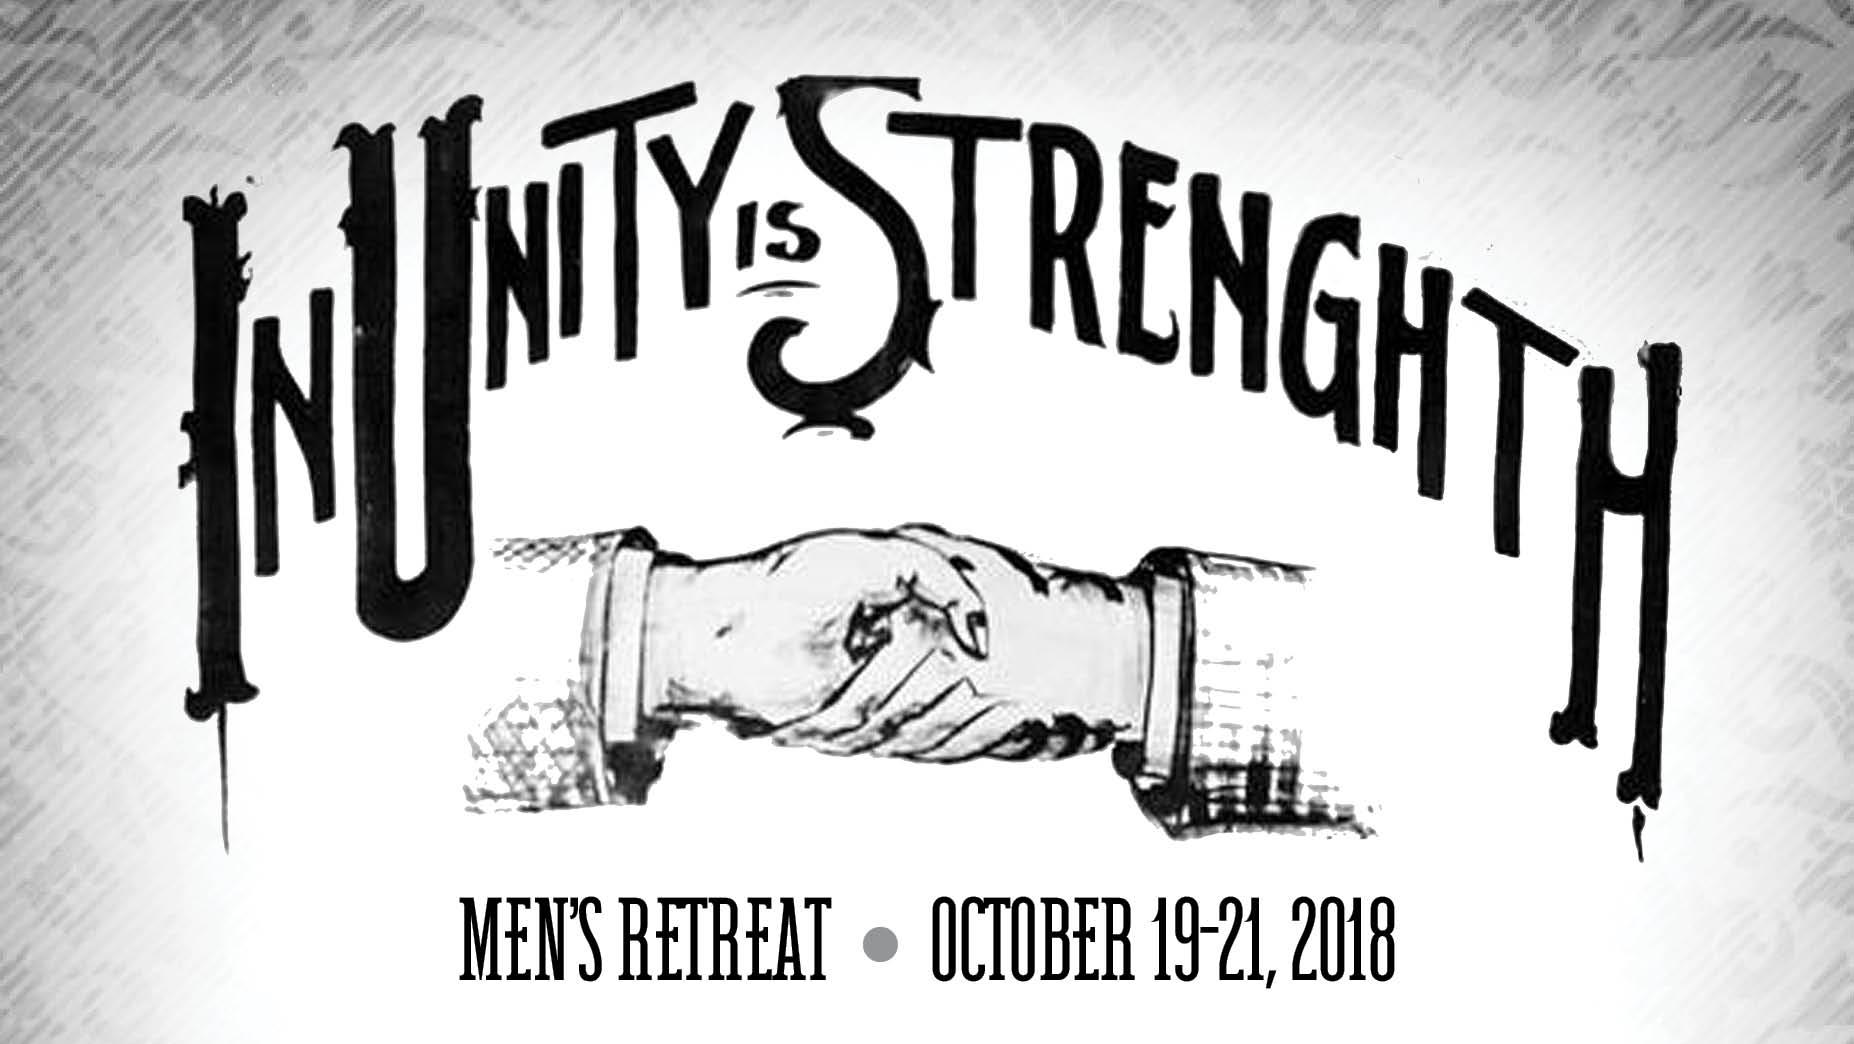 Mens Retreat October 20-22